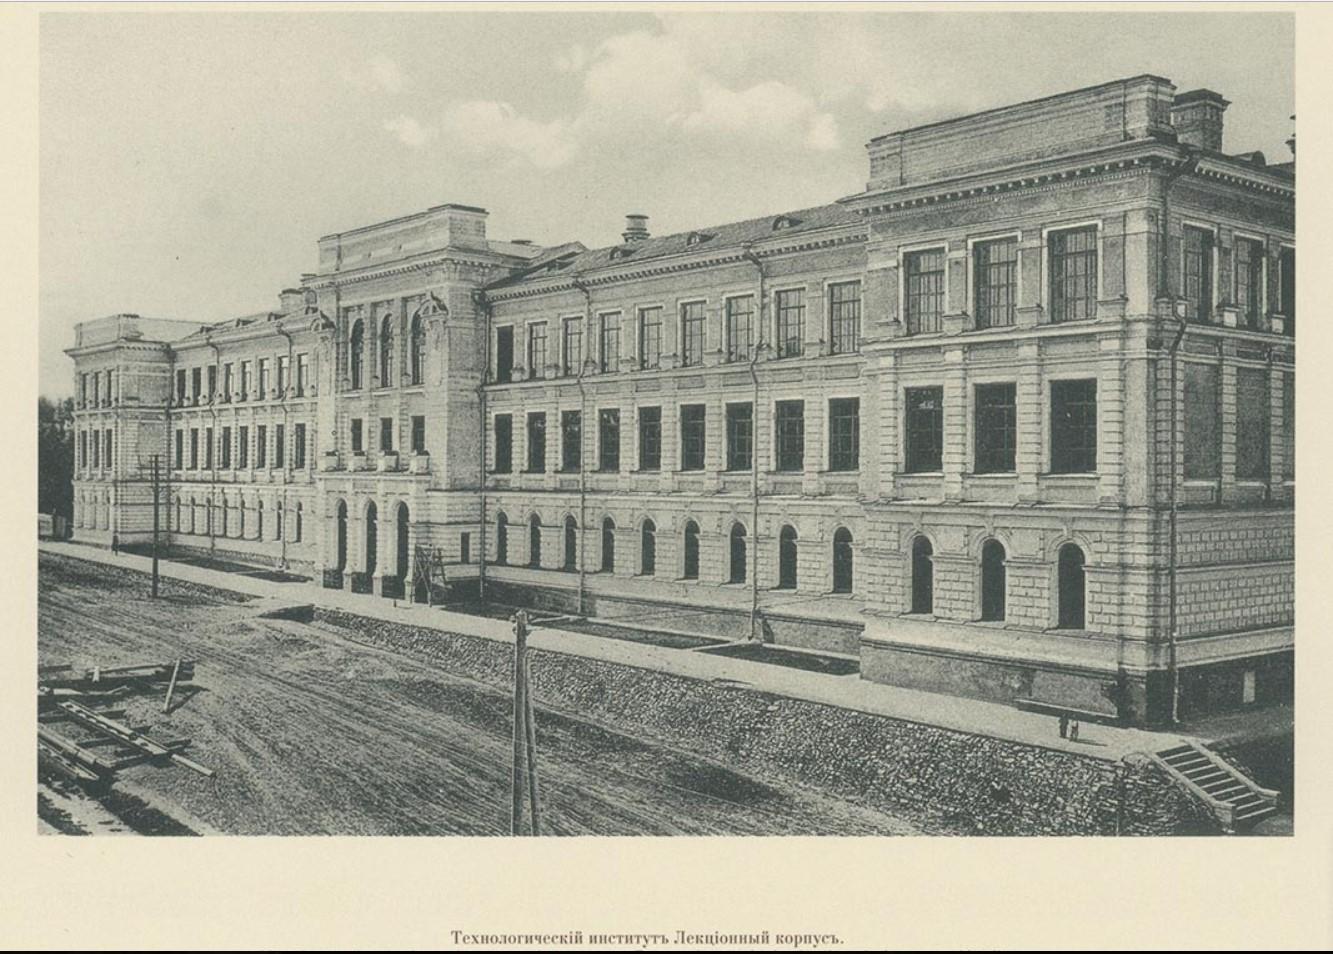 82. Технологический институт. Лекционный корпус